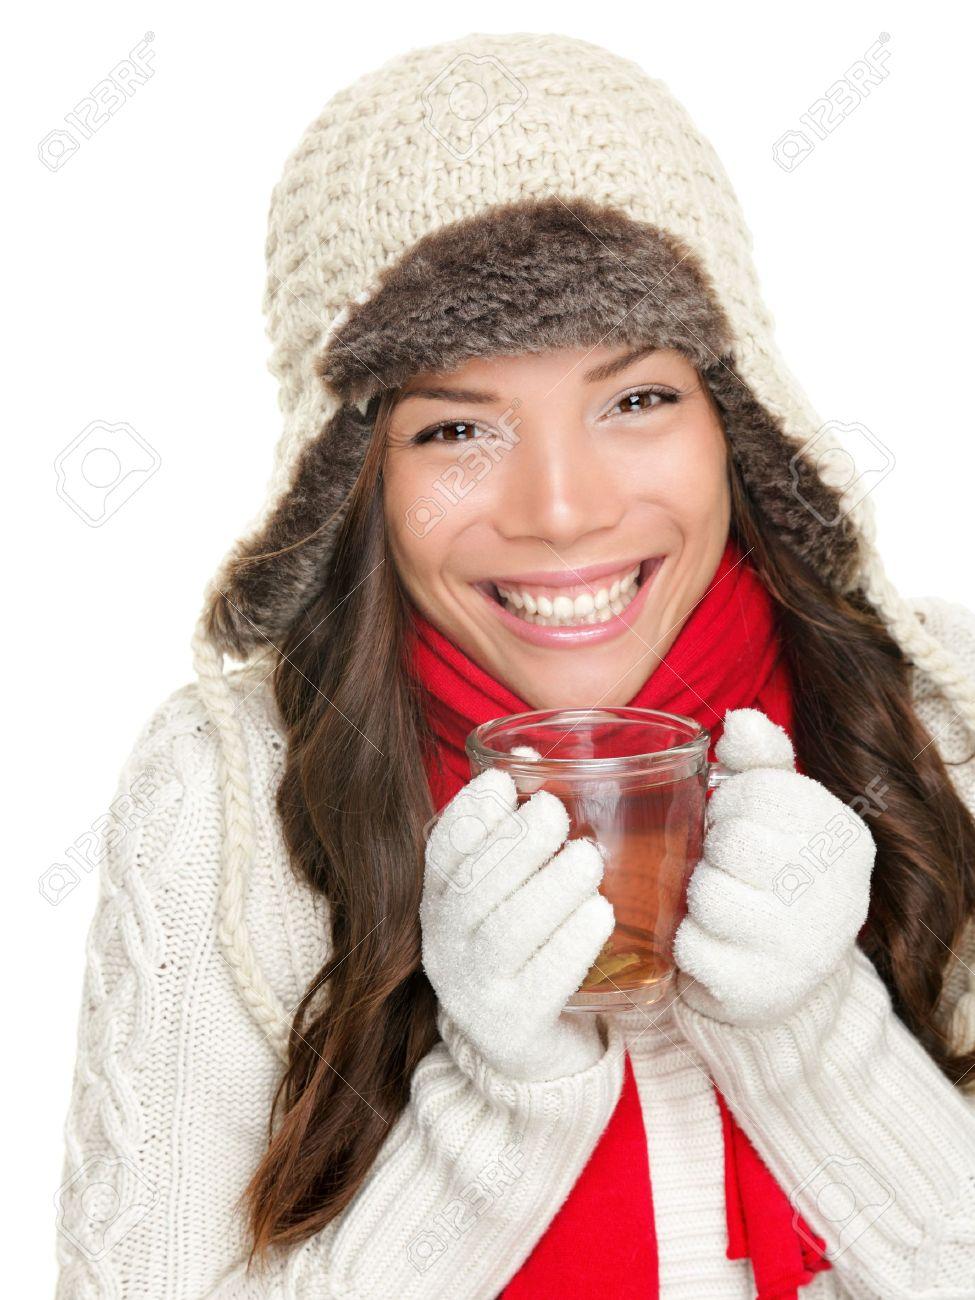 3c4fbec8d30b Archivio Fotografico - Inverno bere il tè caldo donna con abbigliamento  invernale, maglione, guanti e foulard. Bella razza mista asiatico ragazza  modello ...